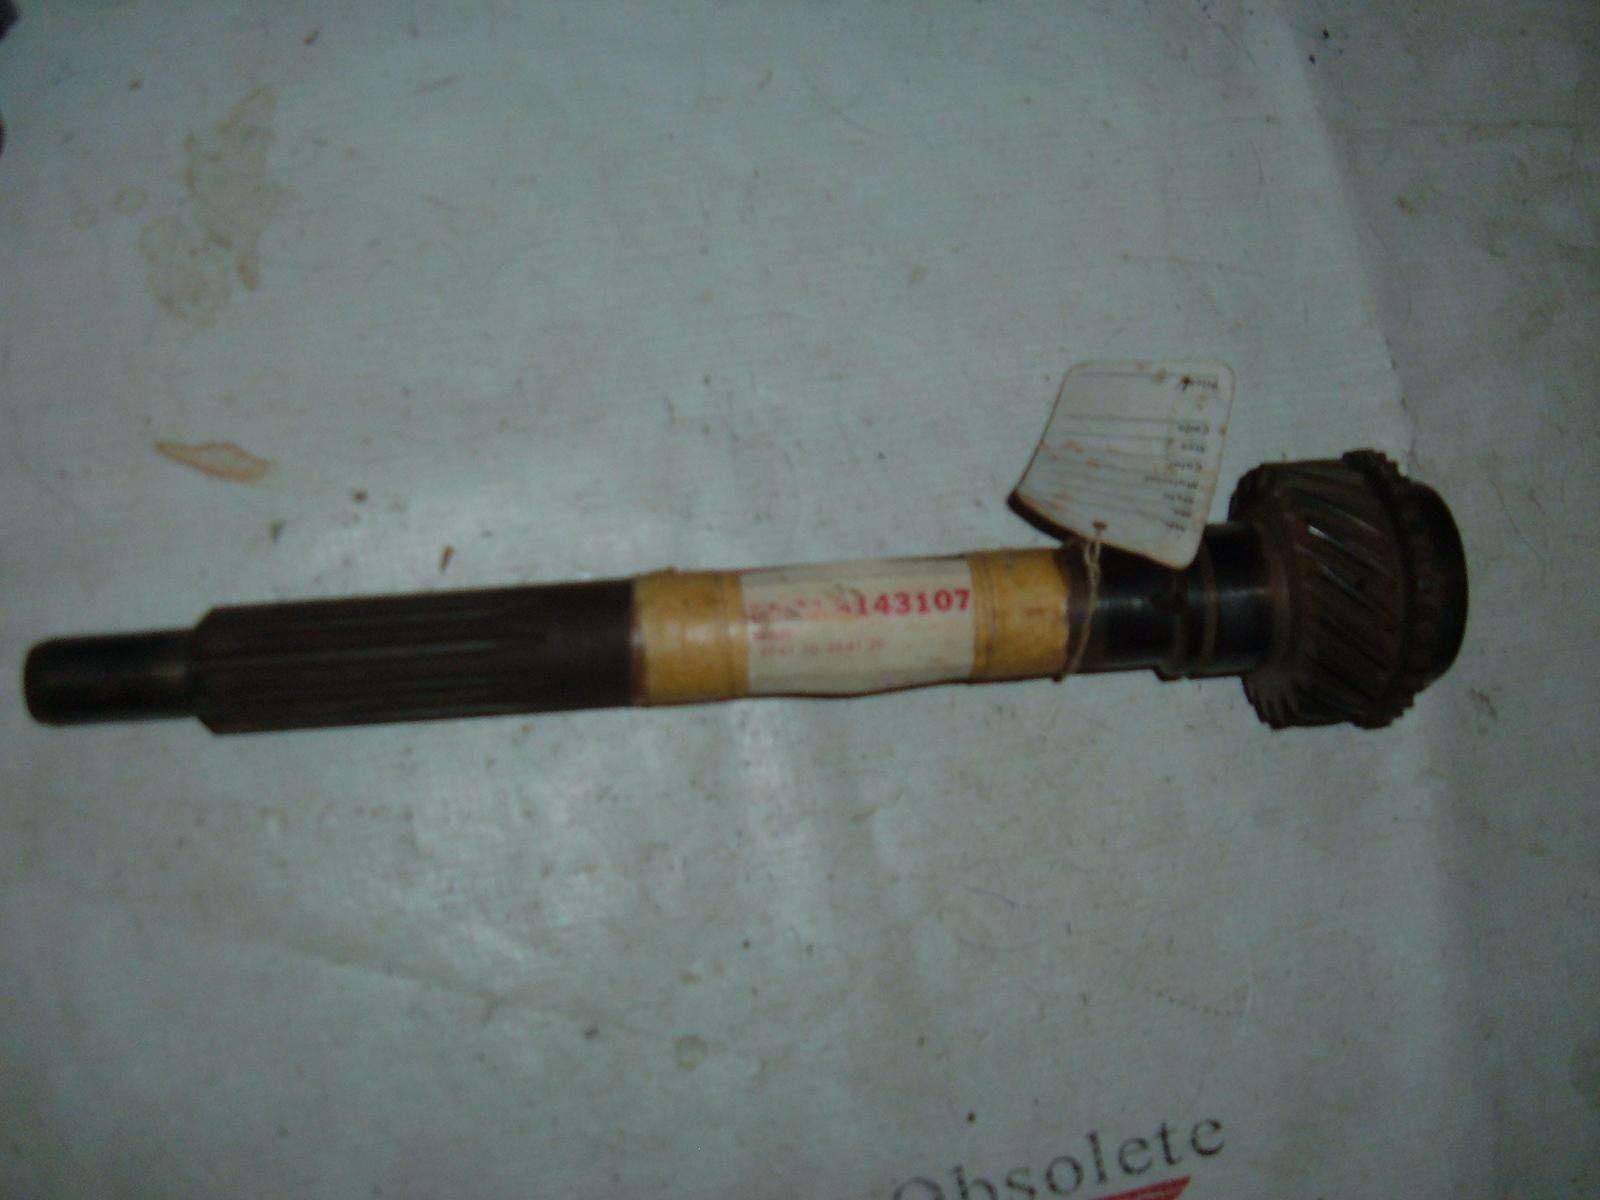 1958 59 60 61 rambler transmission input shaft nos # 3143107 (z 3143107)